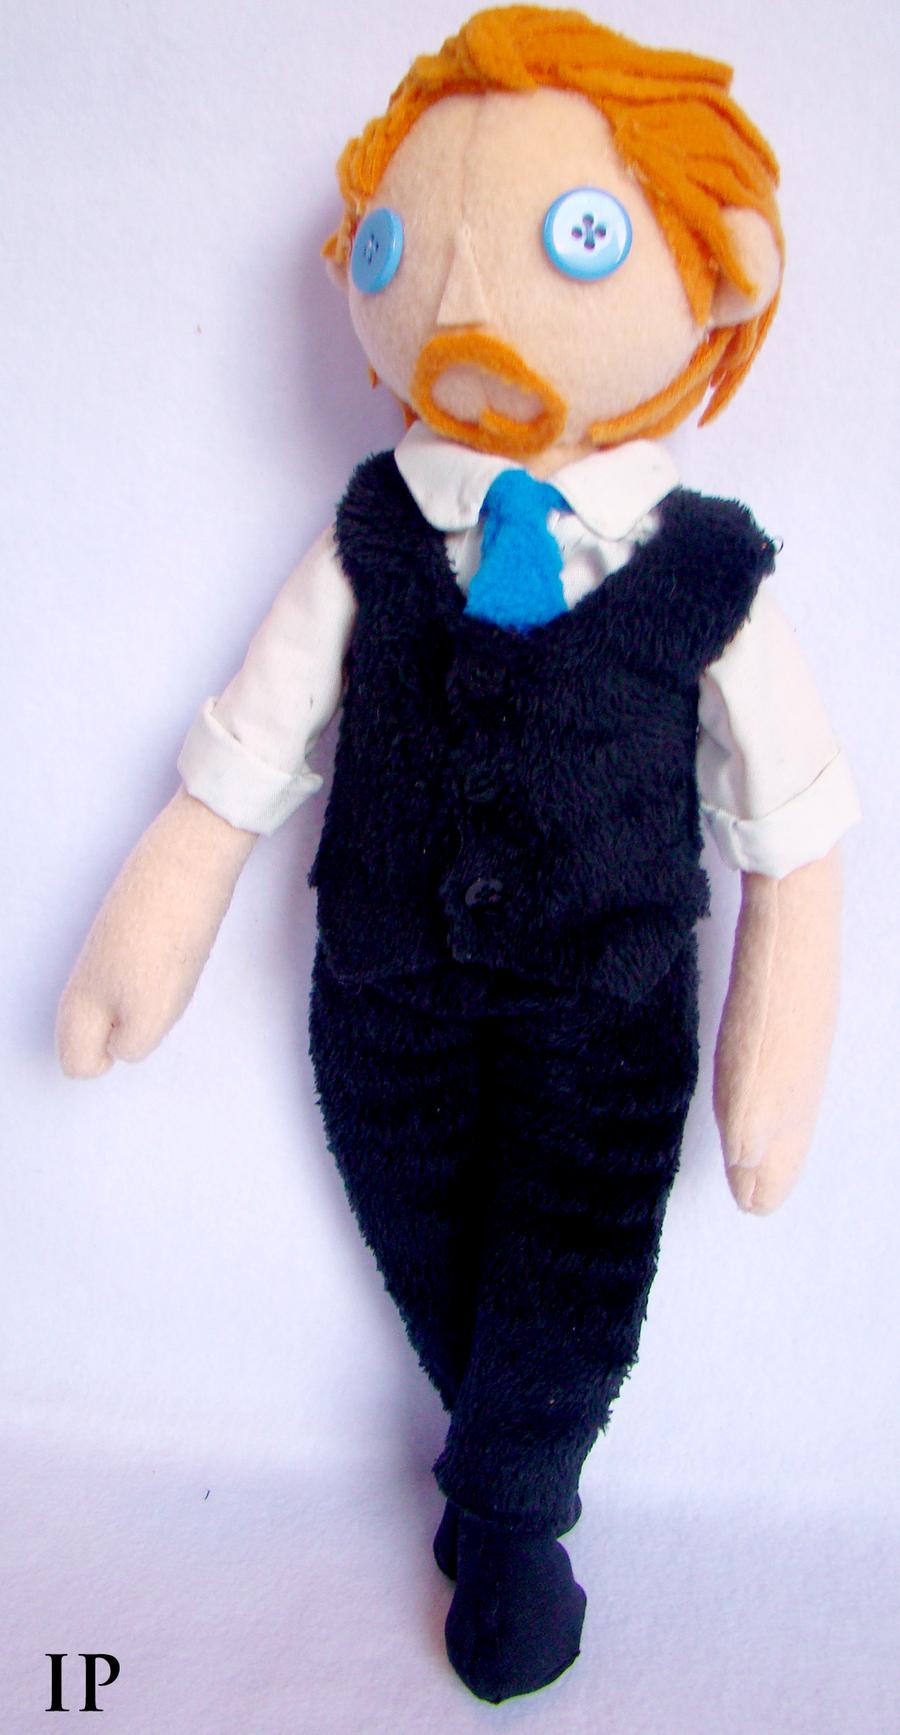 Tom Hiddleston Plush by IdentityPolution